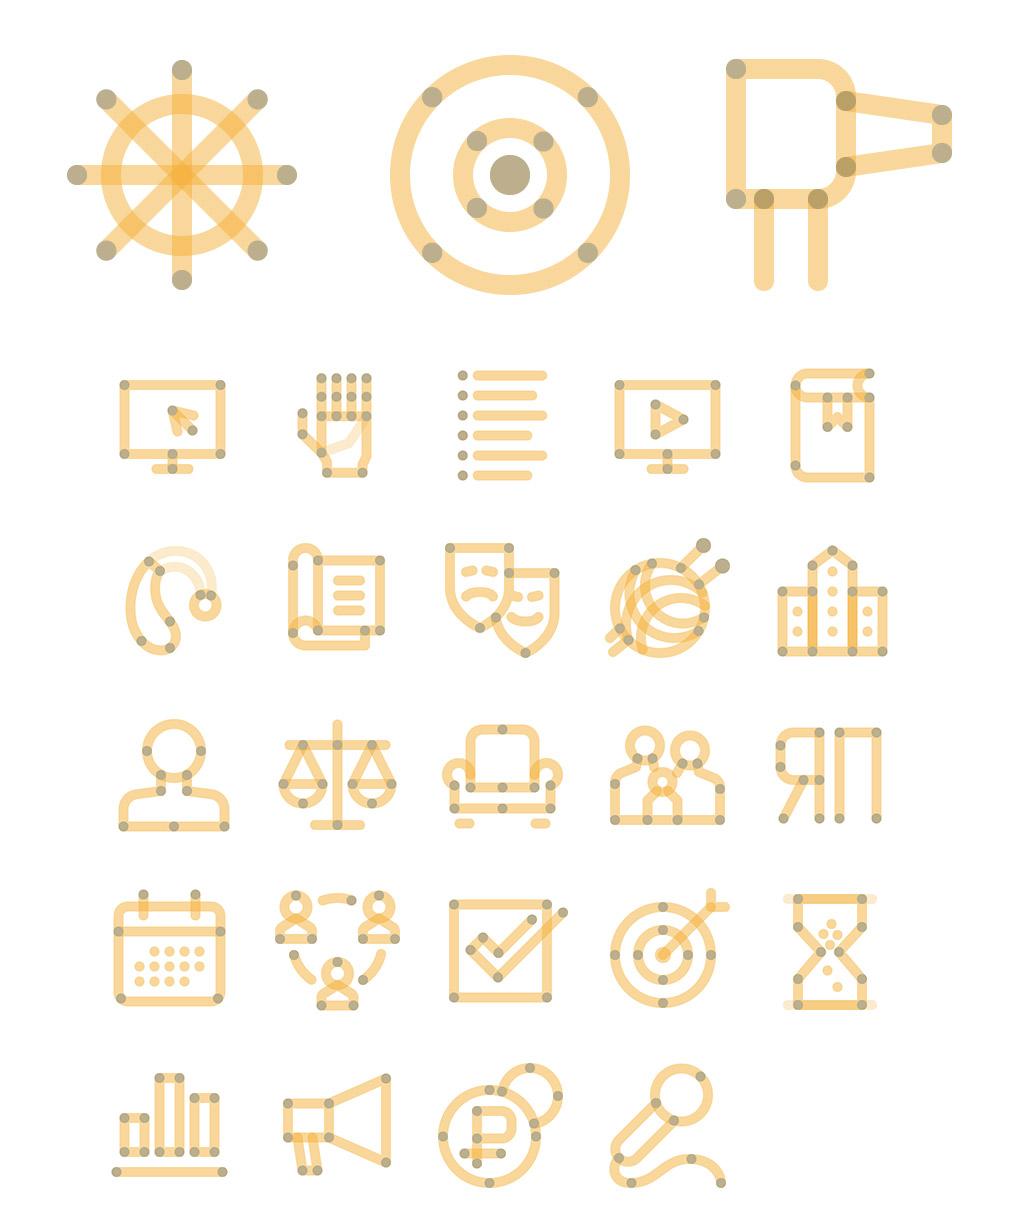 Иконки для сайта слепоглухих • Линии • 30+ шт.